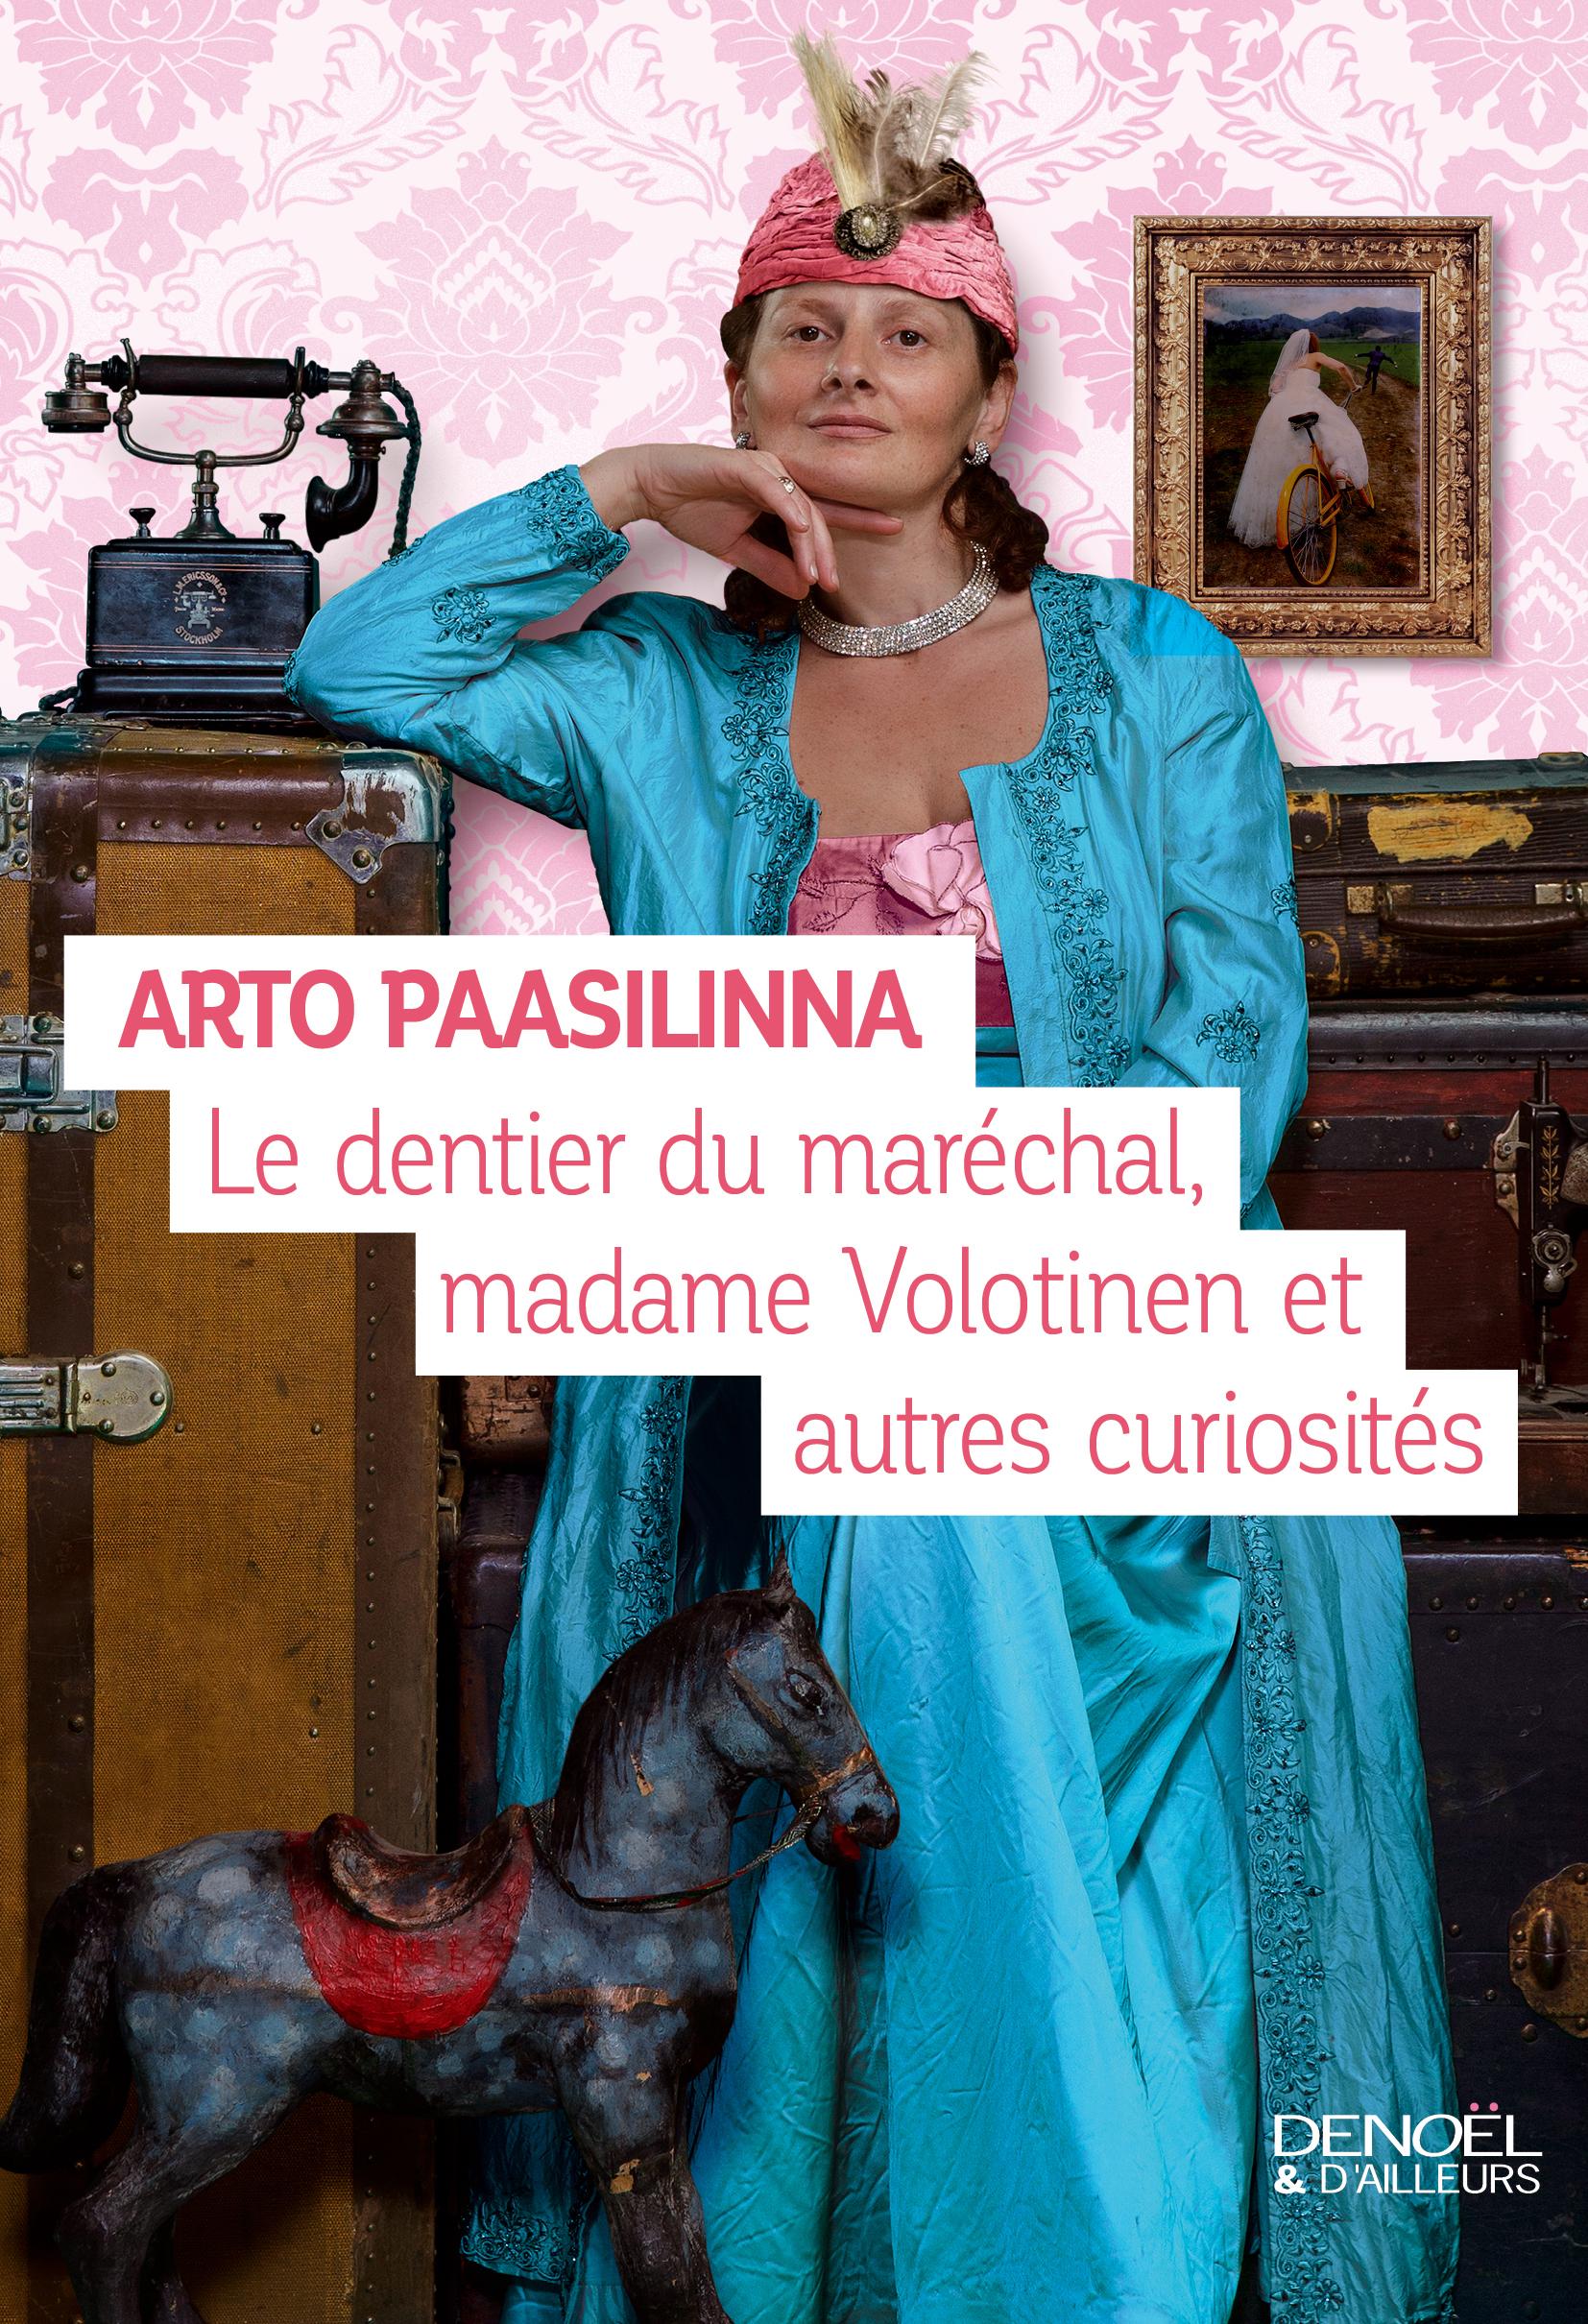 Le dentier du maréchal, Madame Volotinen et autres curiosités